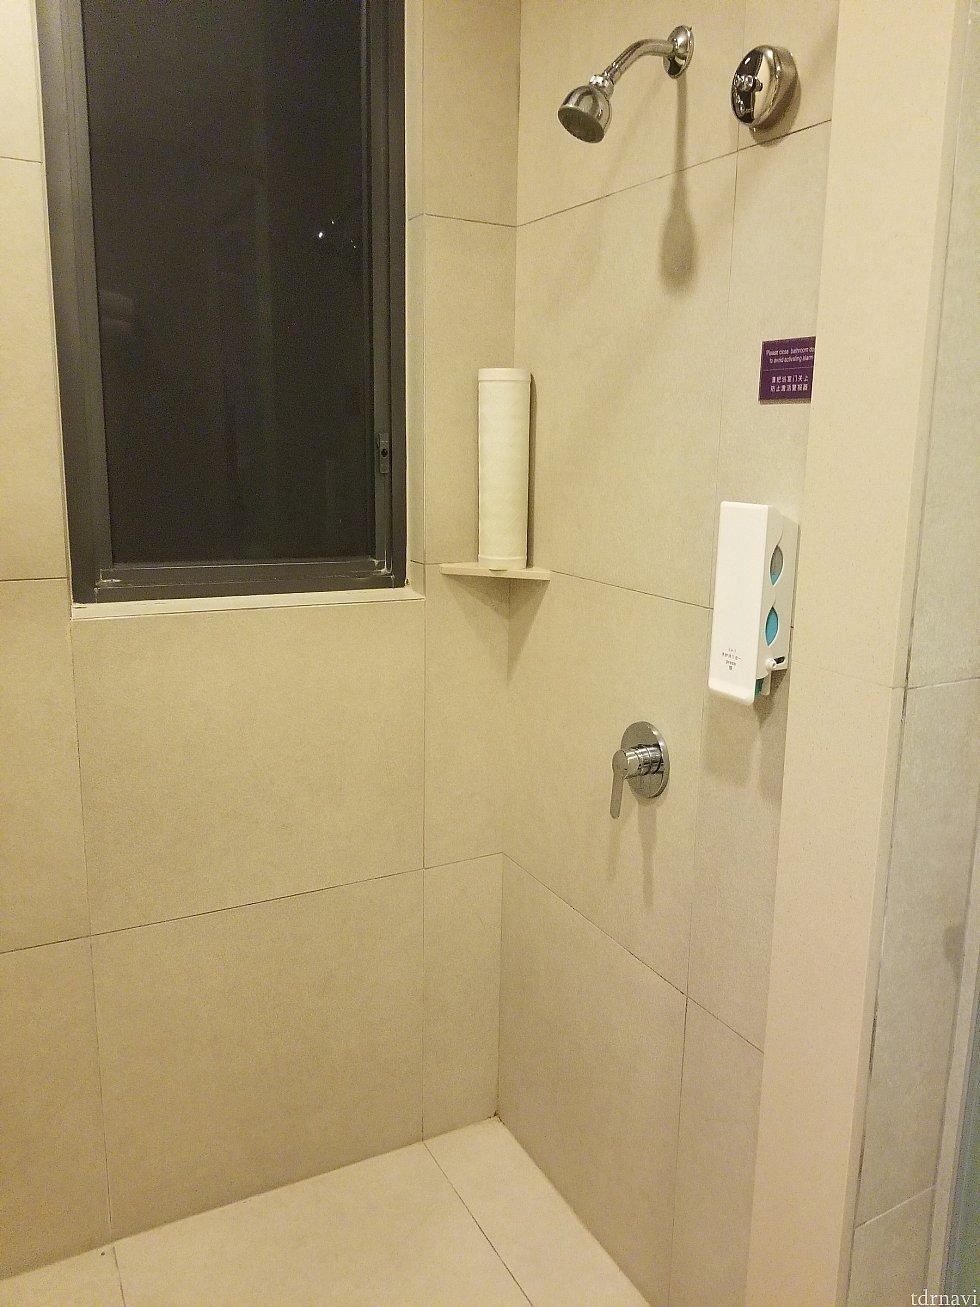 固定式のシャワー水圧は問題ないです。 3inのみなので用意して行くことをオススメします。